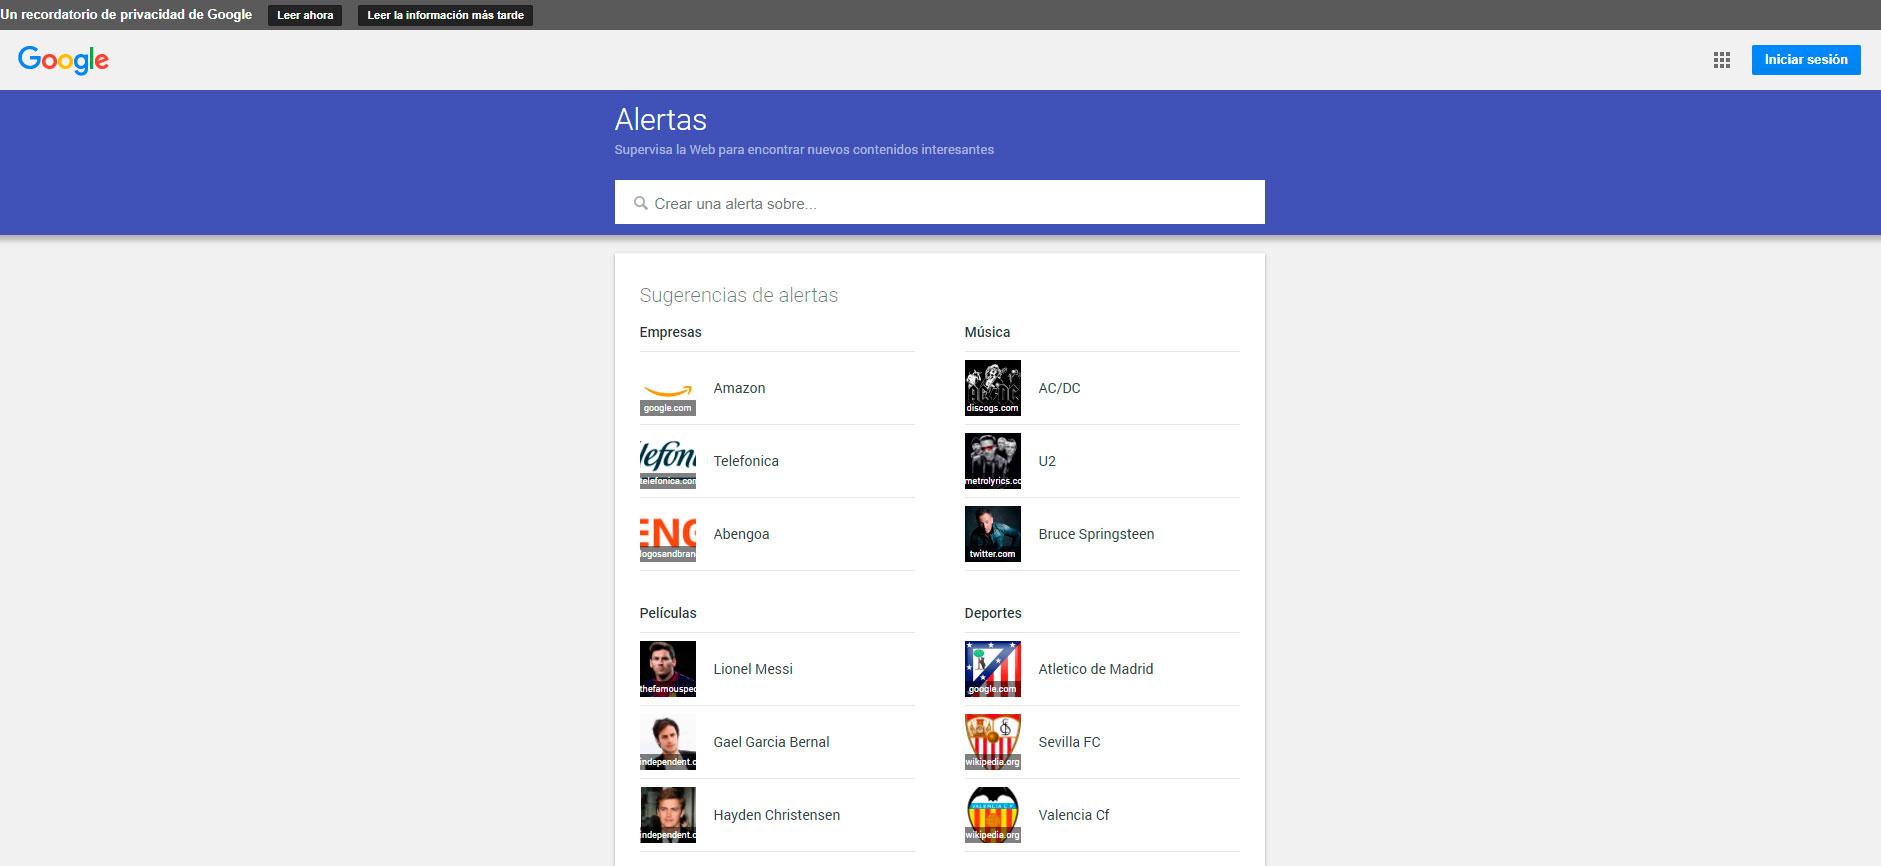 herramientas de monitorización de redes sociales : Google Alerts